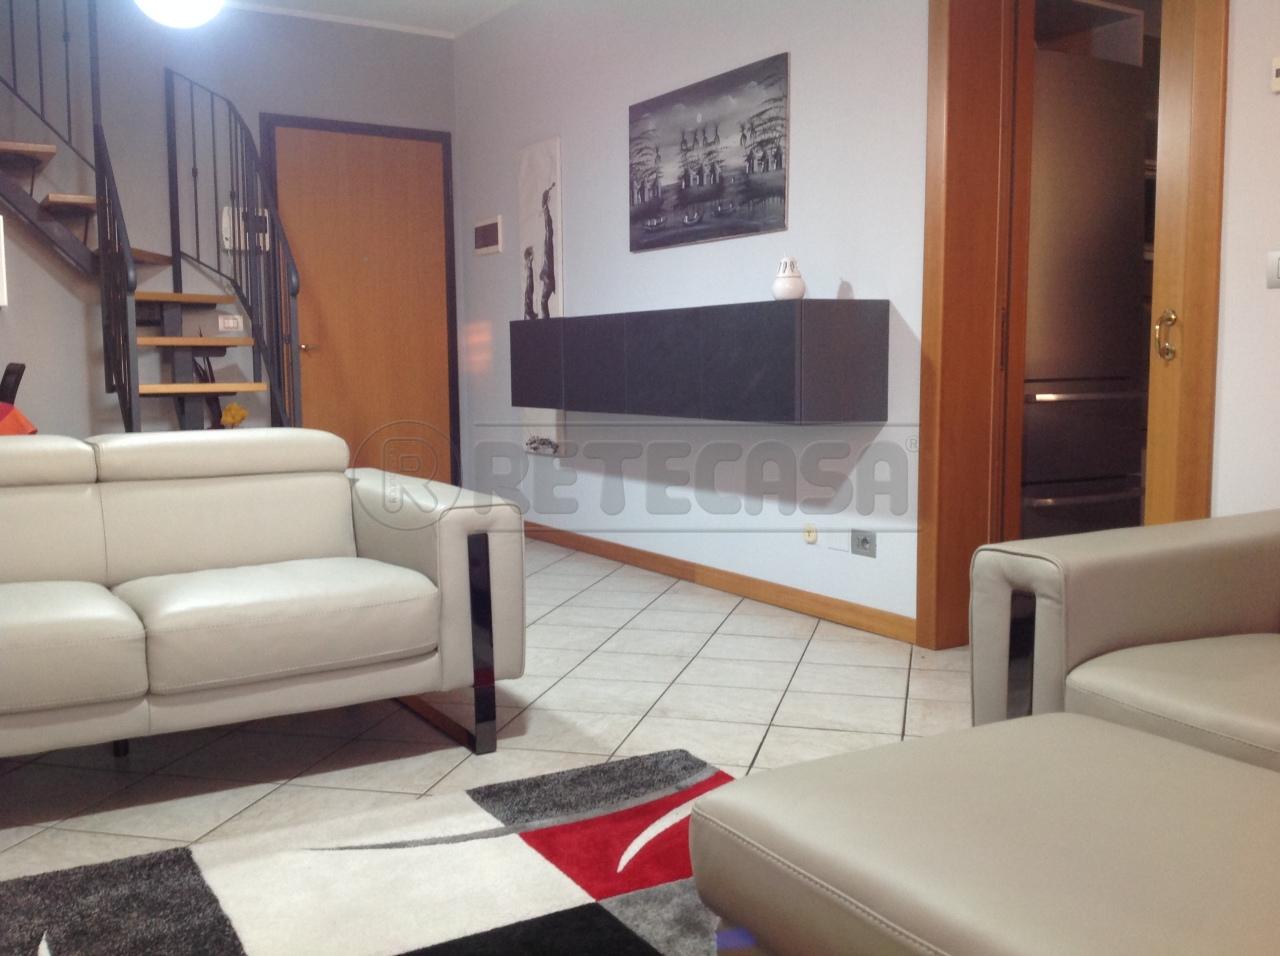 Attico / Mansarda in vendita a San Giorgio di Mantova, 5 locali, prezzo € 143.000 | Cambio Casa.it